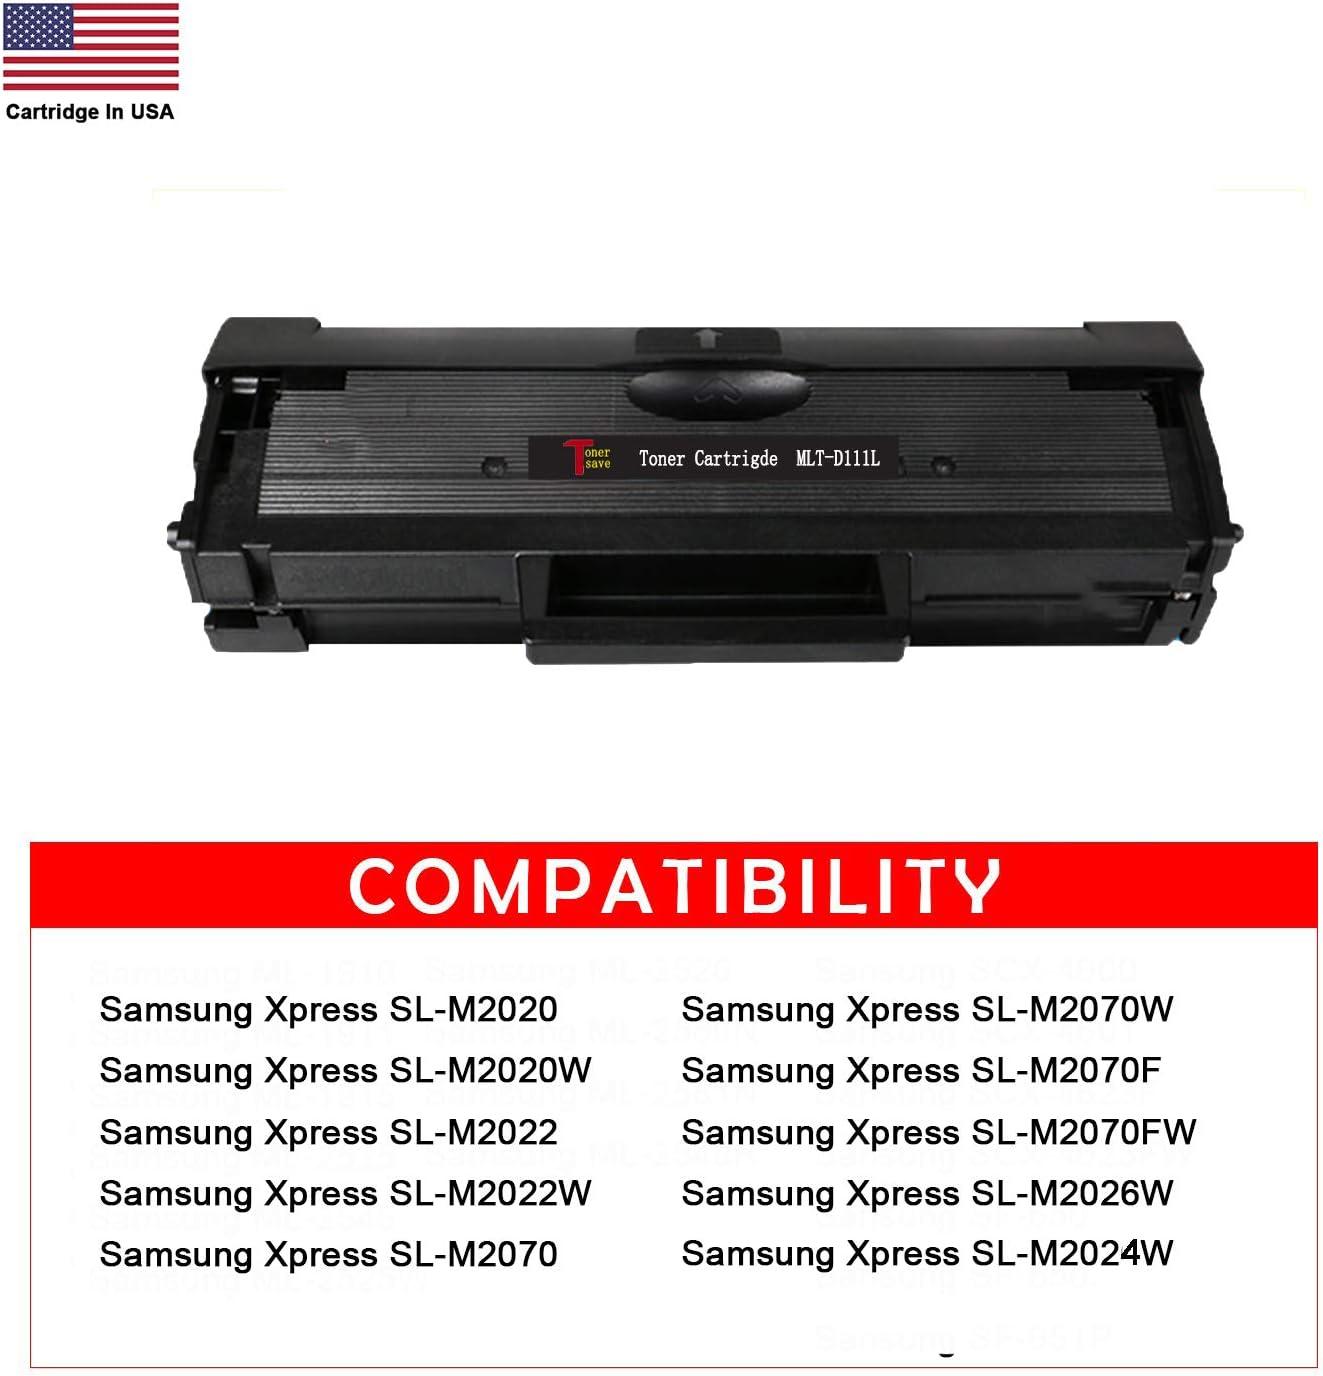 TonerSave 2PK MLT-D111S Toner Cartridge MLT-D111L for Samsung Xpress M2020W M2070FW M2026W M2070 M2020 M2070W M2070F M2022 M2022W Samsung D111S